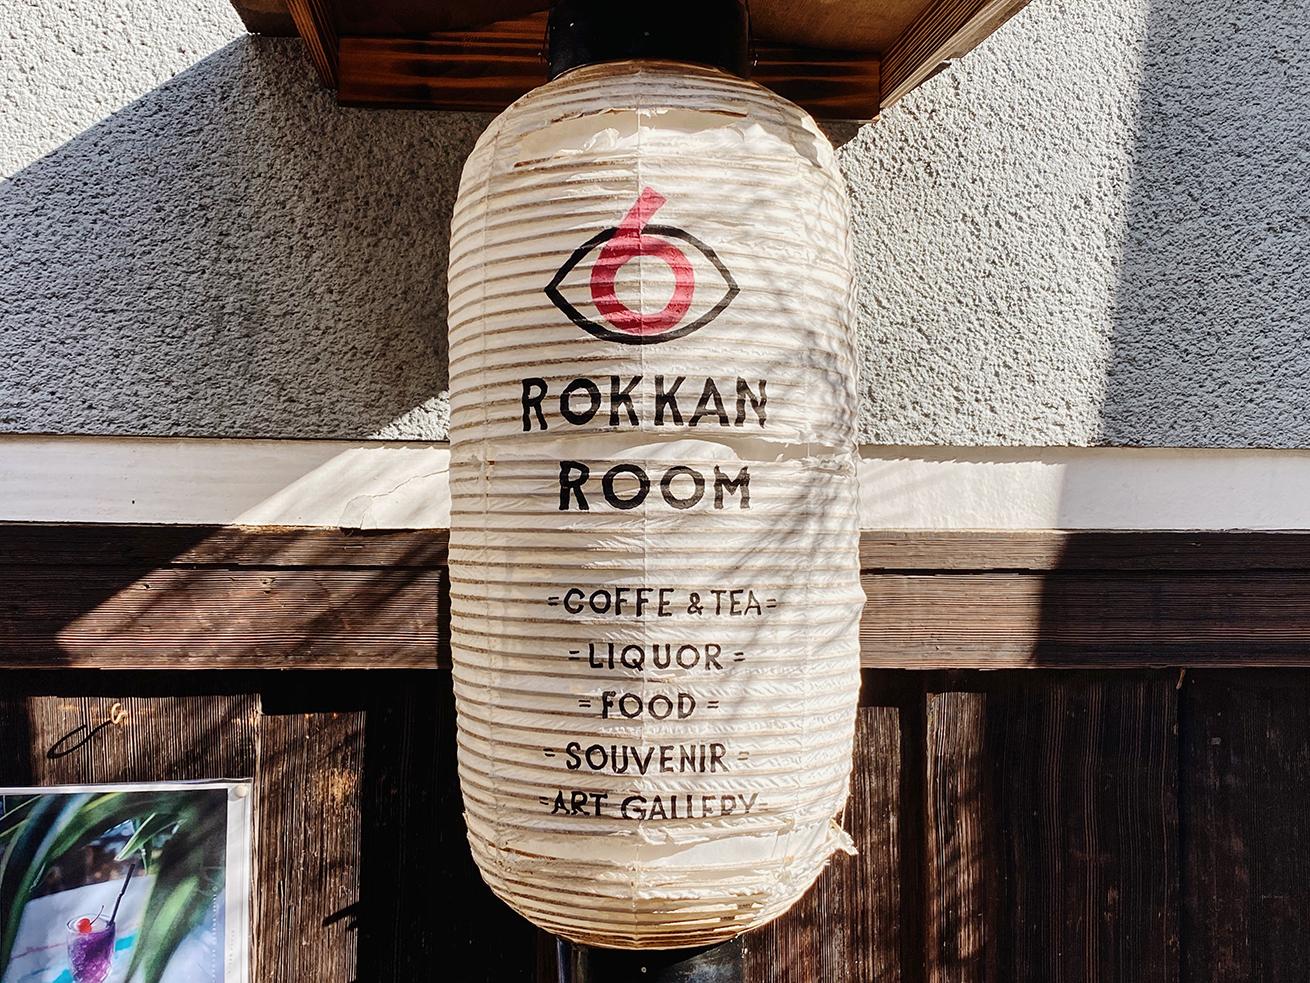 ロッカン ルーム (ROKKAN ROOM)